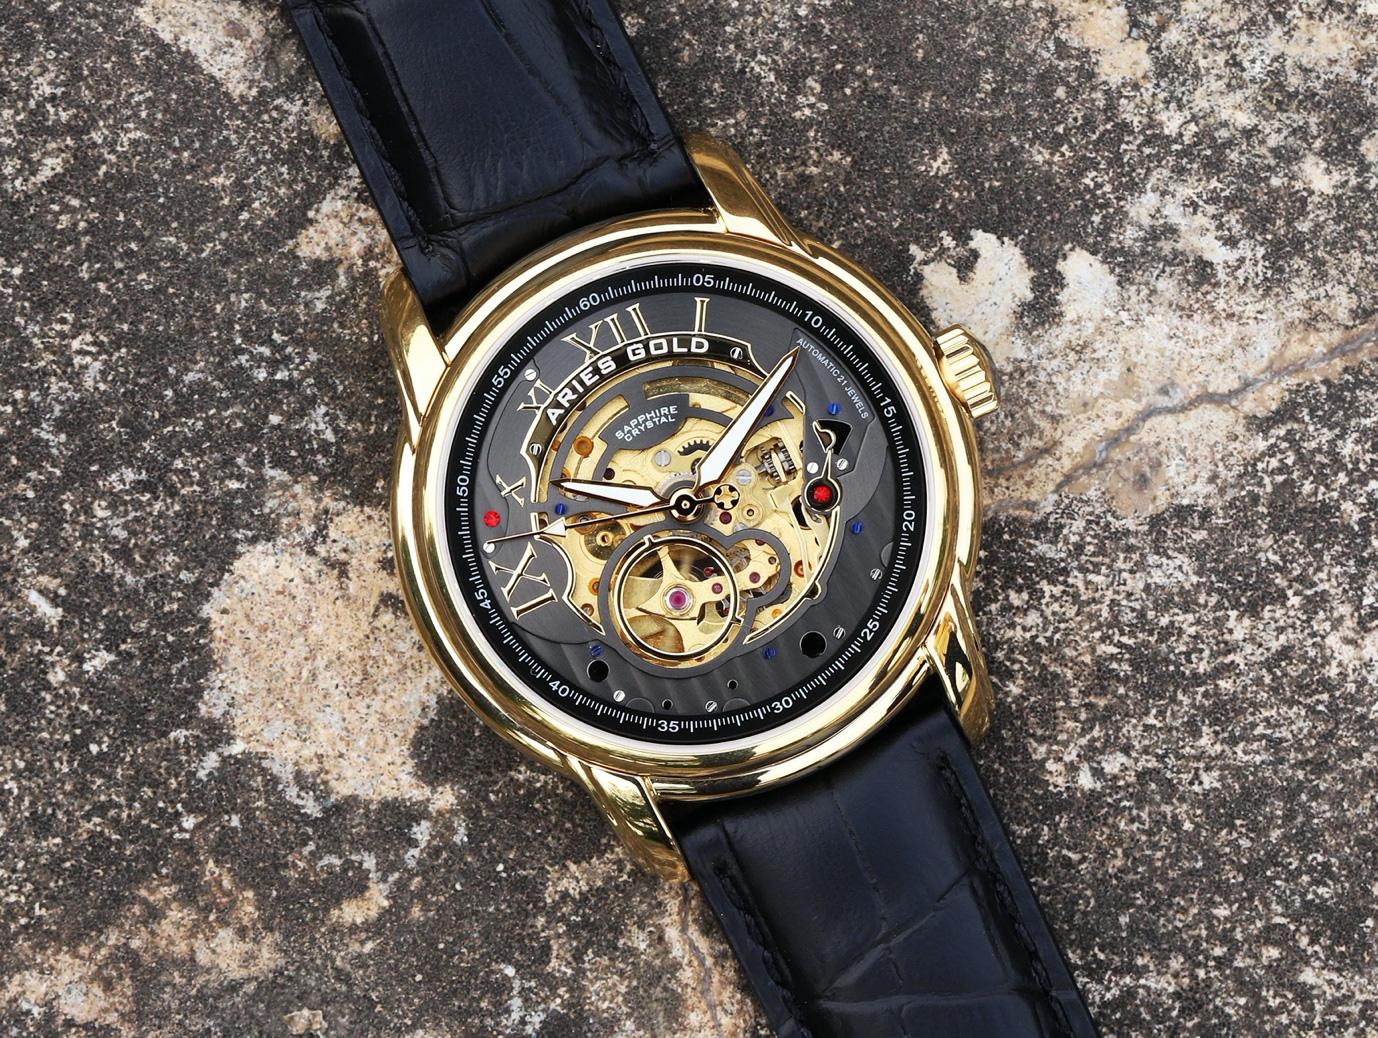 Black Friday 2019: Bão giảm giá đồng hồ, mắt kính chưa từng có tại Đăng Quang Watch - Ảnh 3.